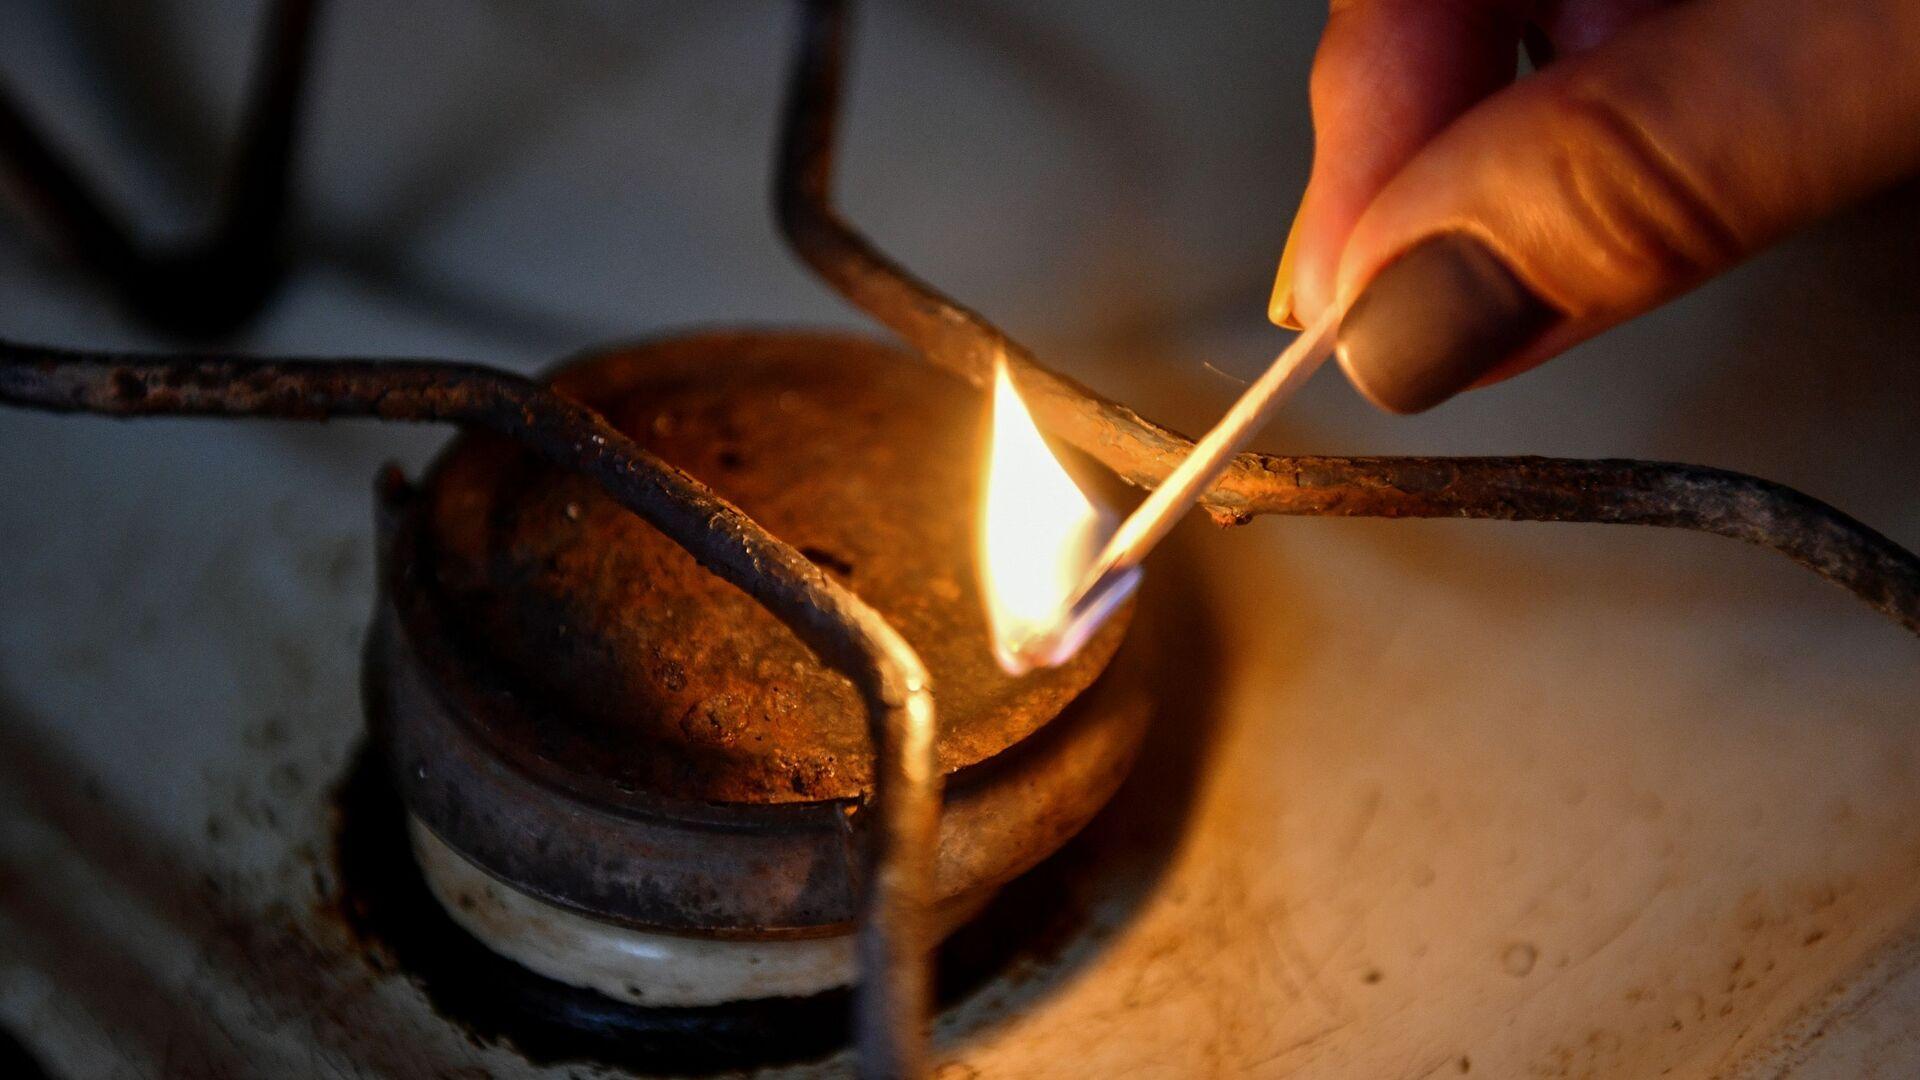 Женщина зажигает конфорку газовой плиты в жилом доме города Симферополь - РИА Новости, 1920, 14.10.2021